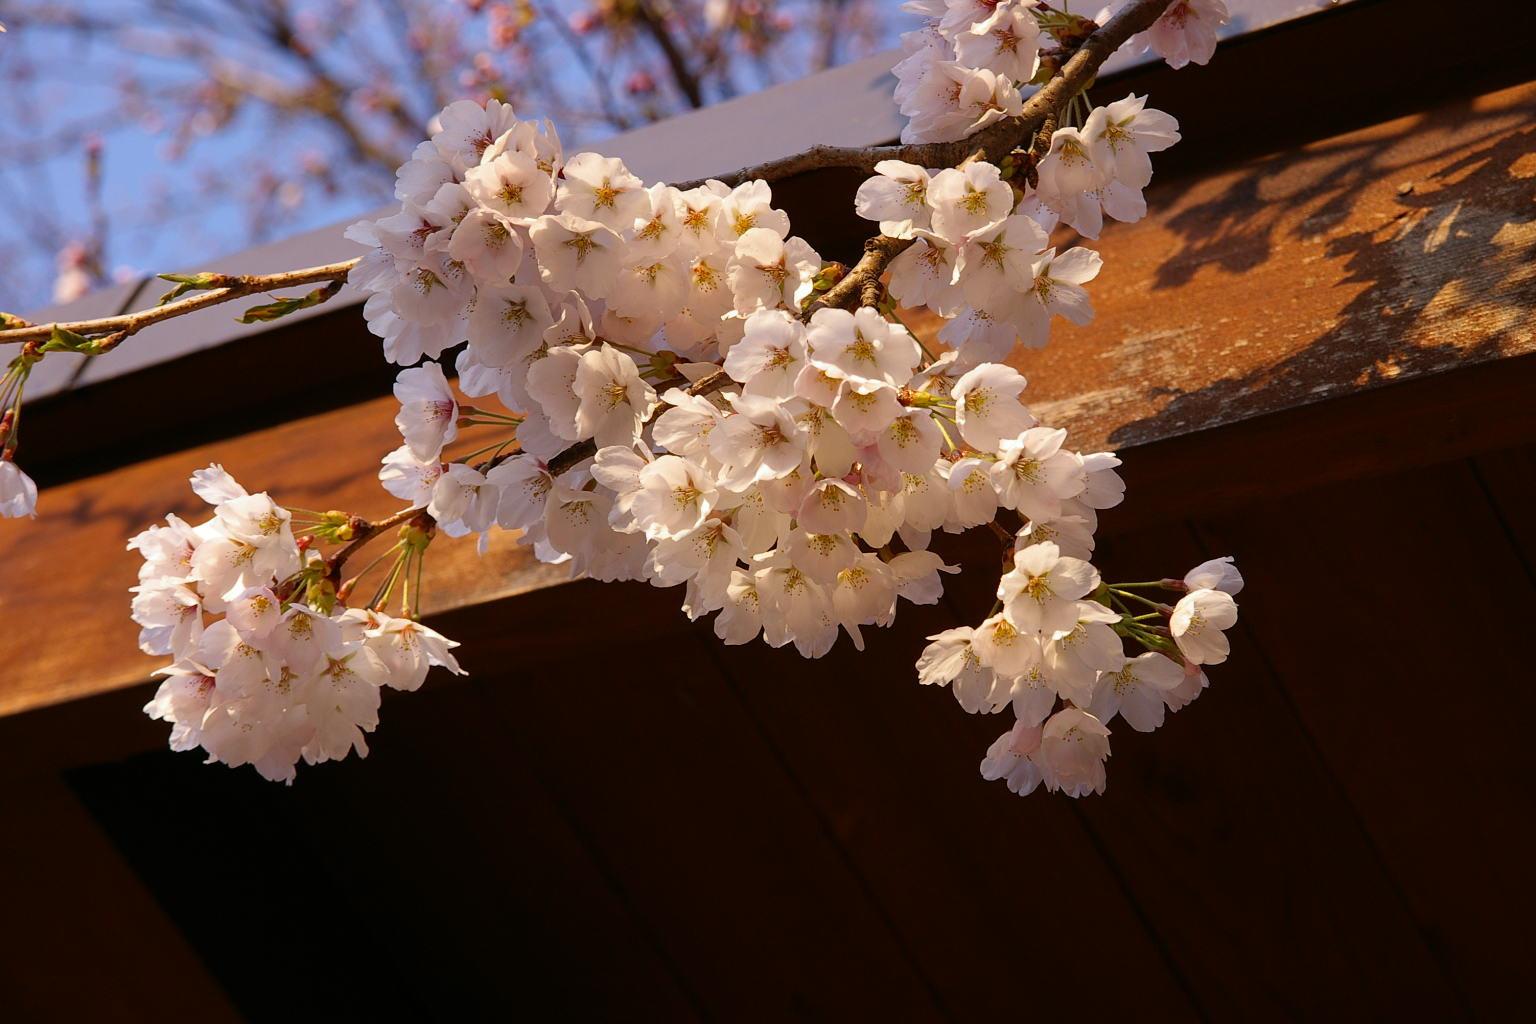 I若木山公園の桜 開花しました!